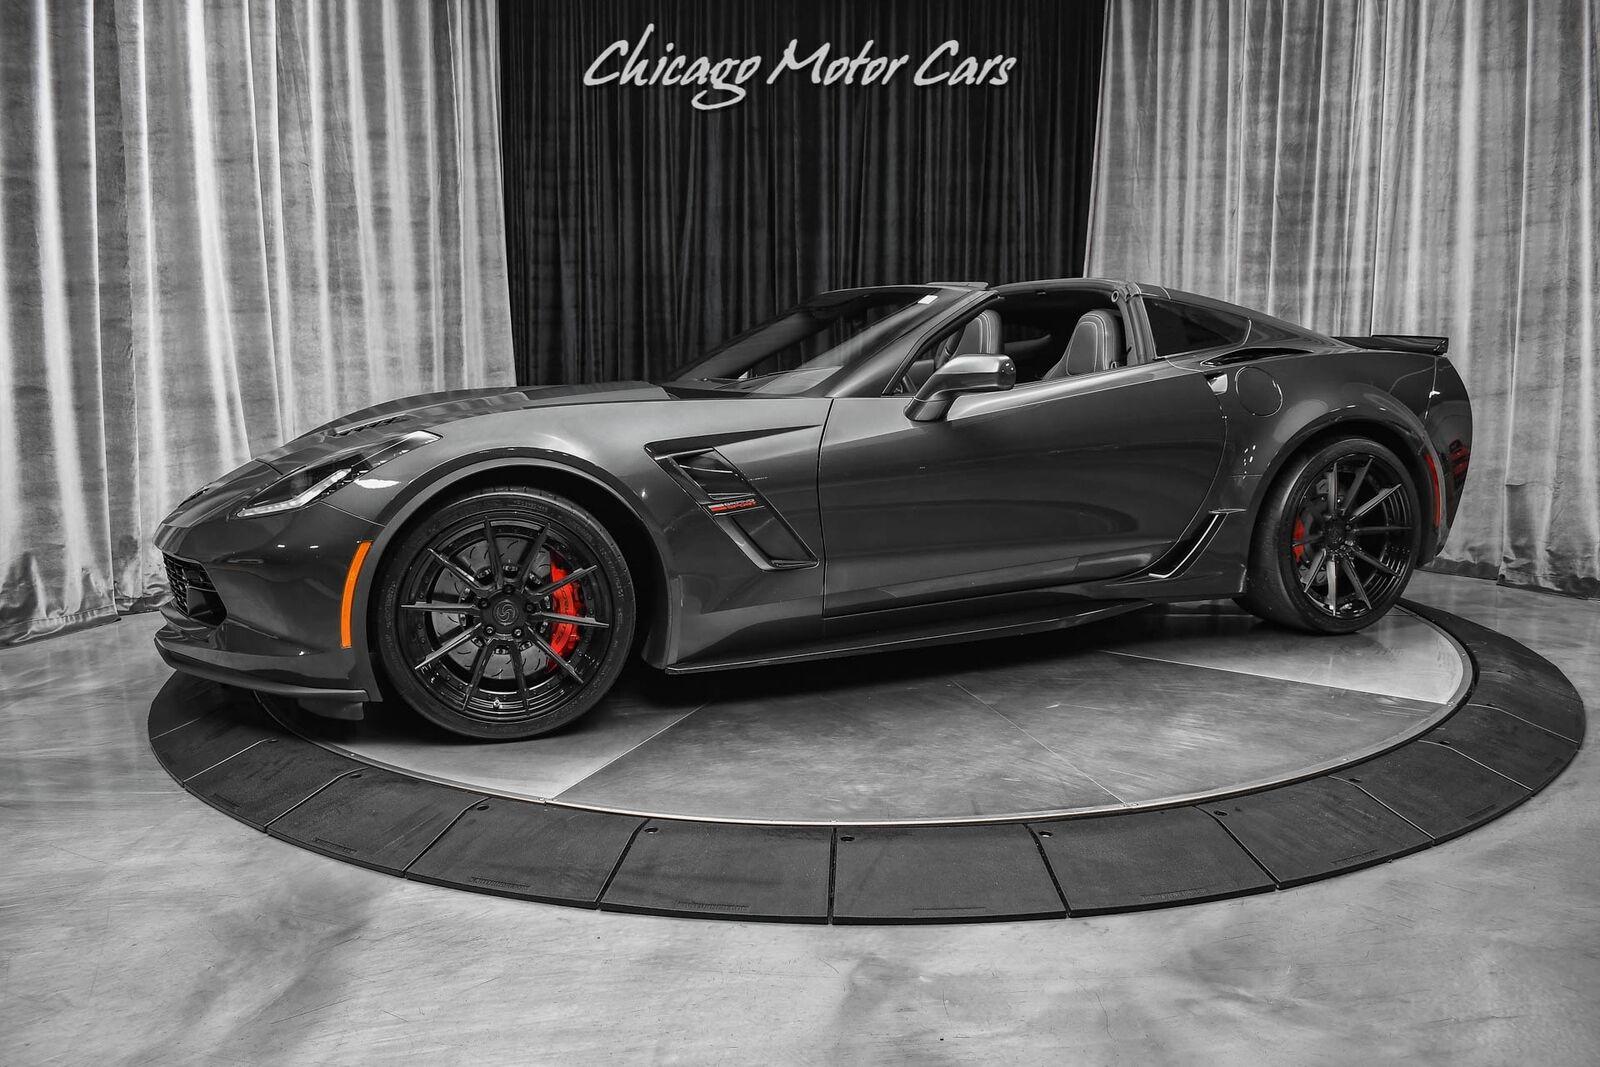 2017 Gray Chevrolet Corvette Grand Sport 2LT   C7 Corvette Photo 1